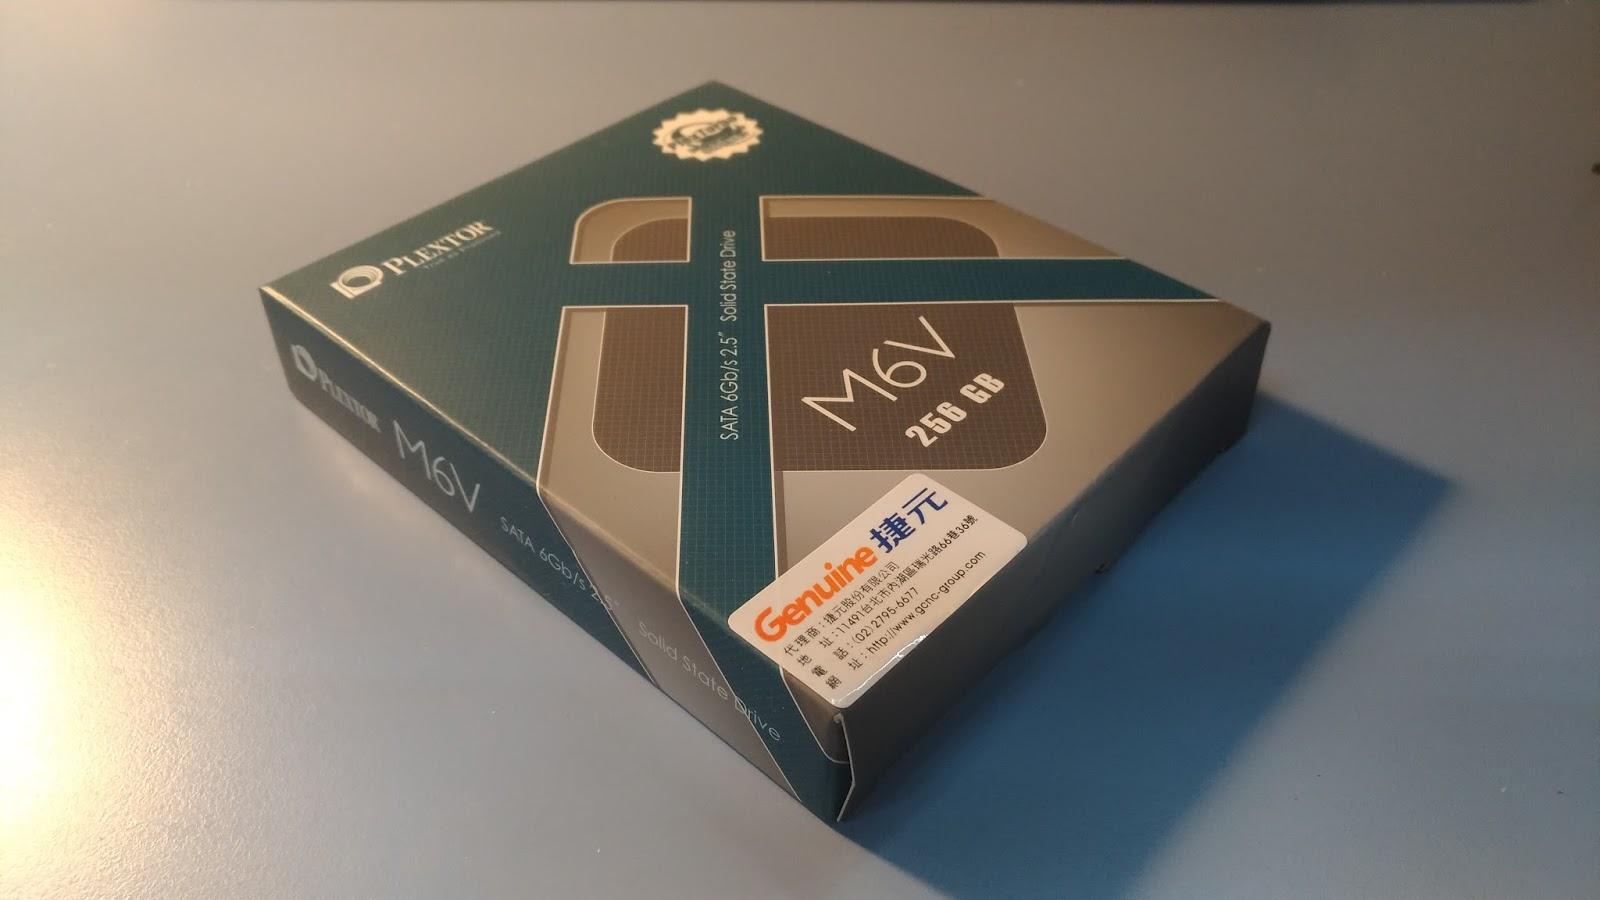 P 20170322 191949 vHDR On - Plextor M6V 256G SSD 開箱評測 & Asus K55VD 拆機升級雙硬碟教學